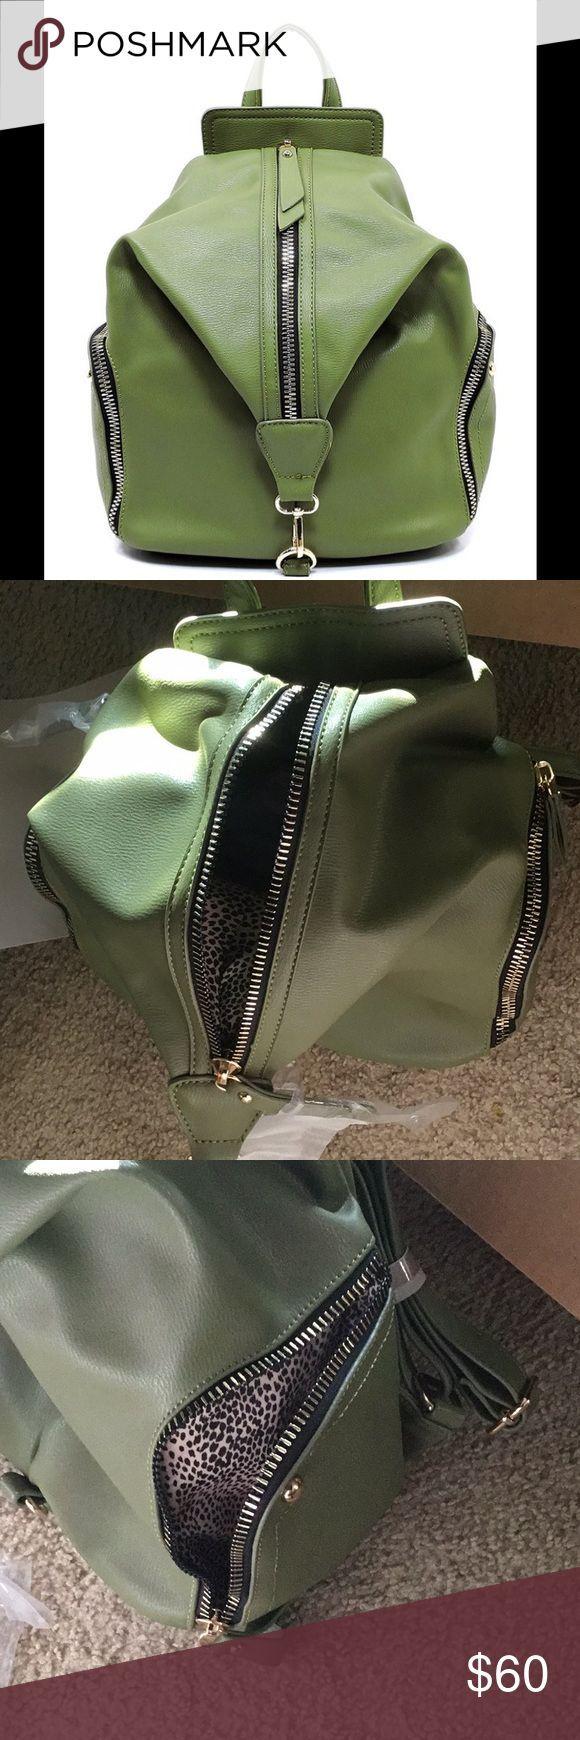 NWT einzigartiger grüner Rucksack NWT einzigartiger grüner Rucksack, Handtasche oder Arbeitstasche. Vegan…